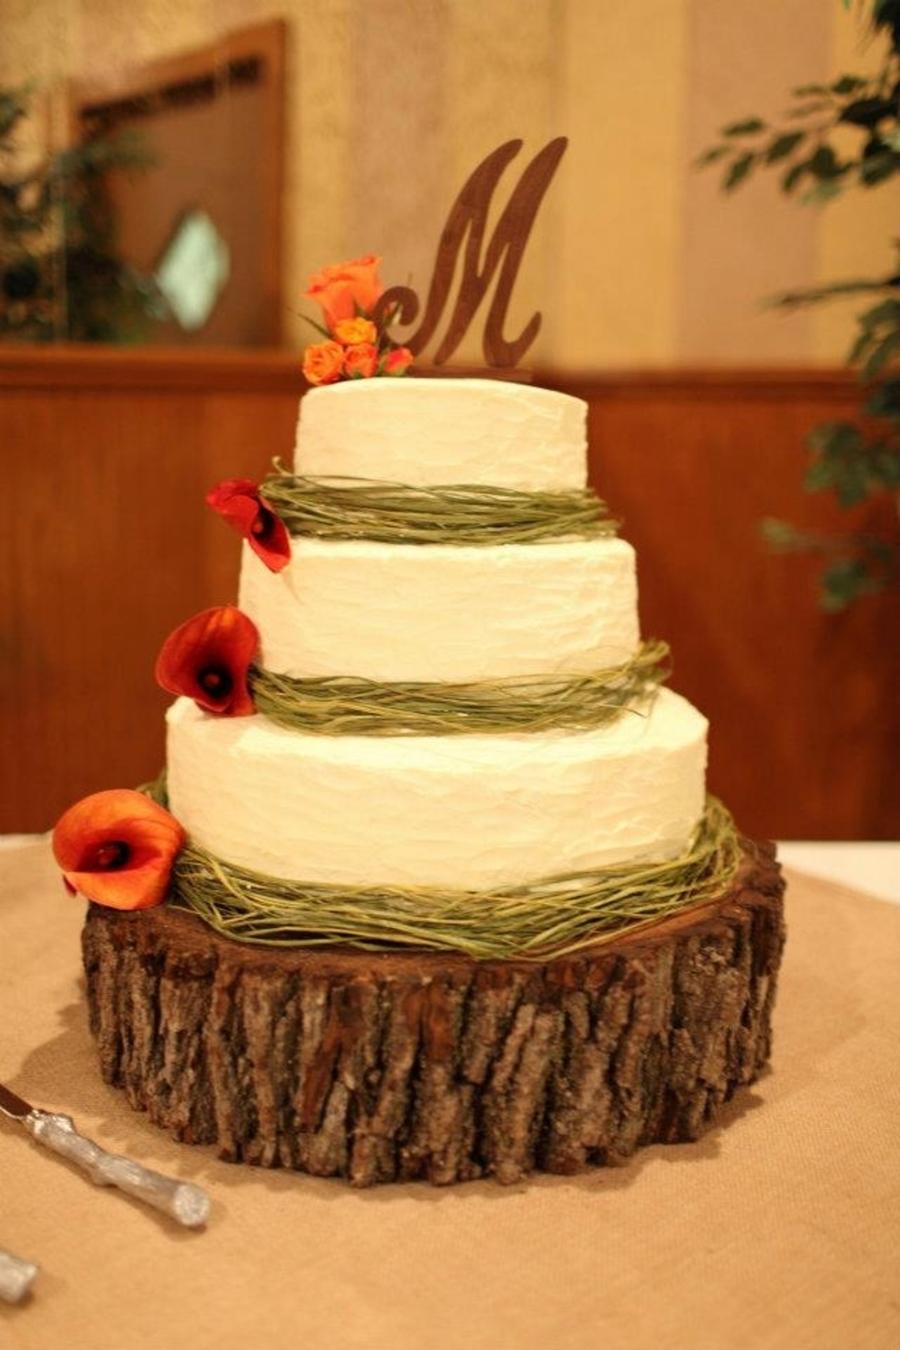 3 Tier Wedding Cake With Green Raffia - CakeCentral.com